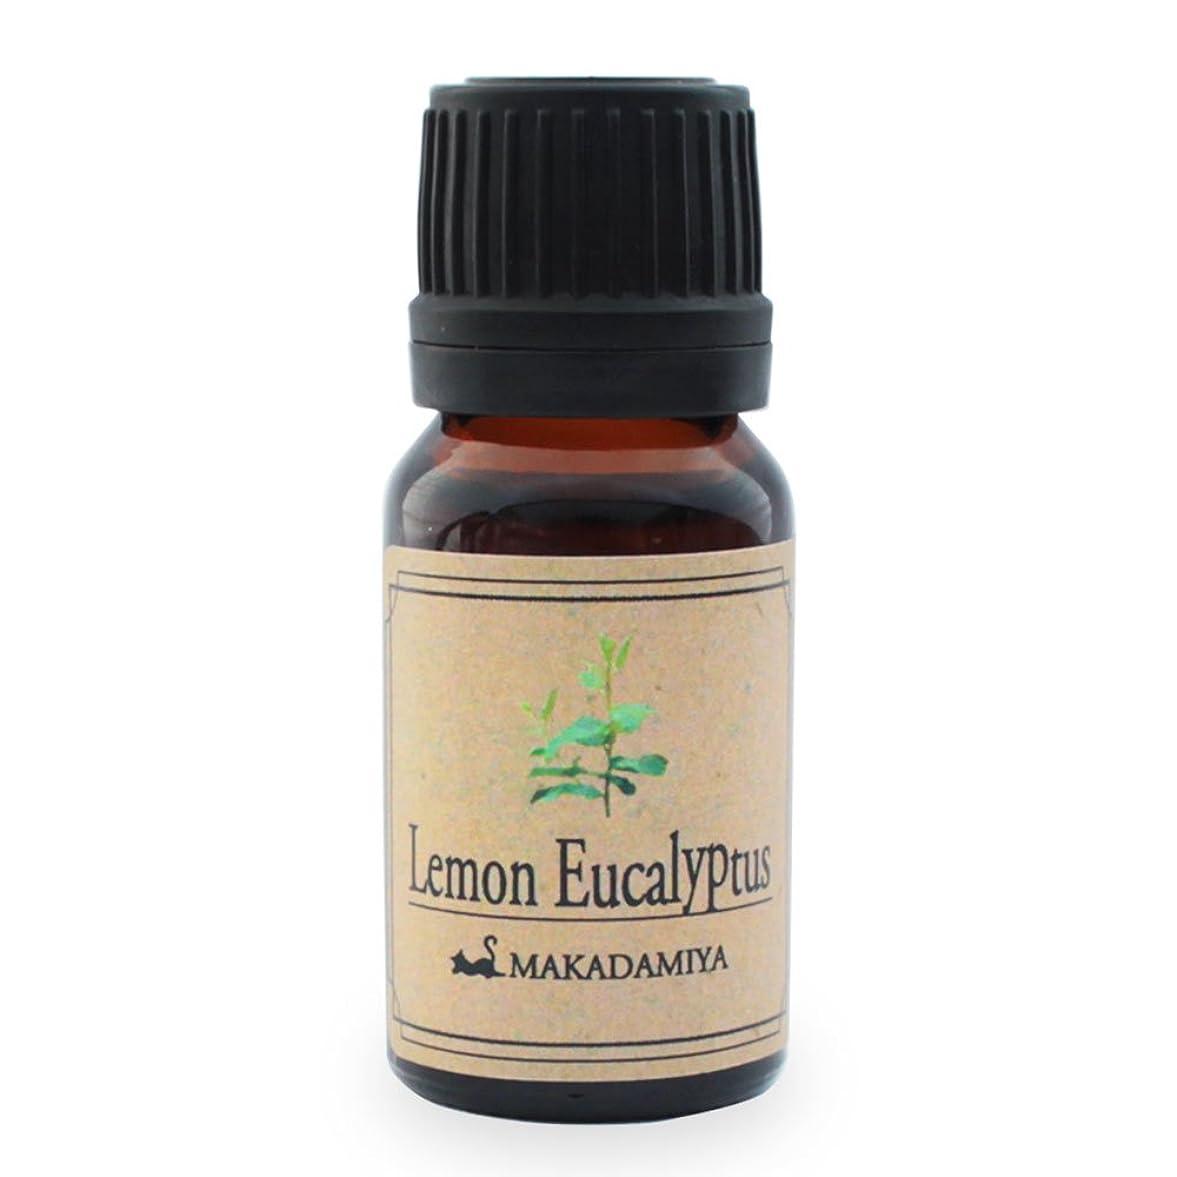 感動するできるにレモンユーカリ10ml 天然100%植物性 エッセンシャルオイル(精油) アロマオイル アロママッサージ aroma Eucalyptus Citriodora